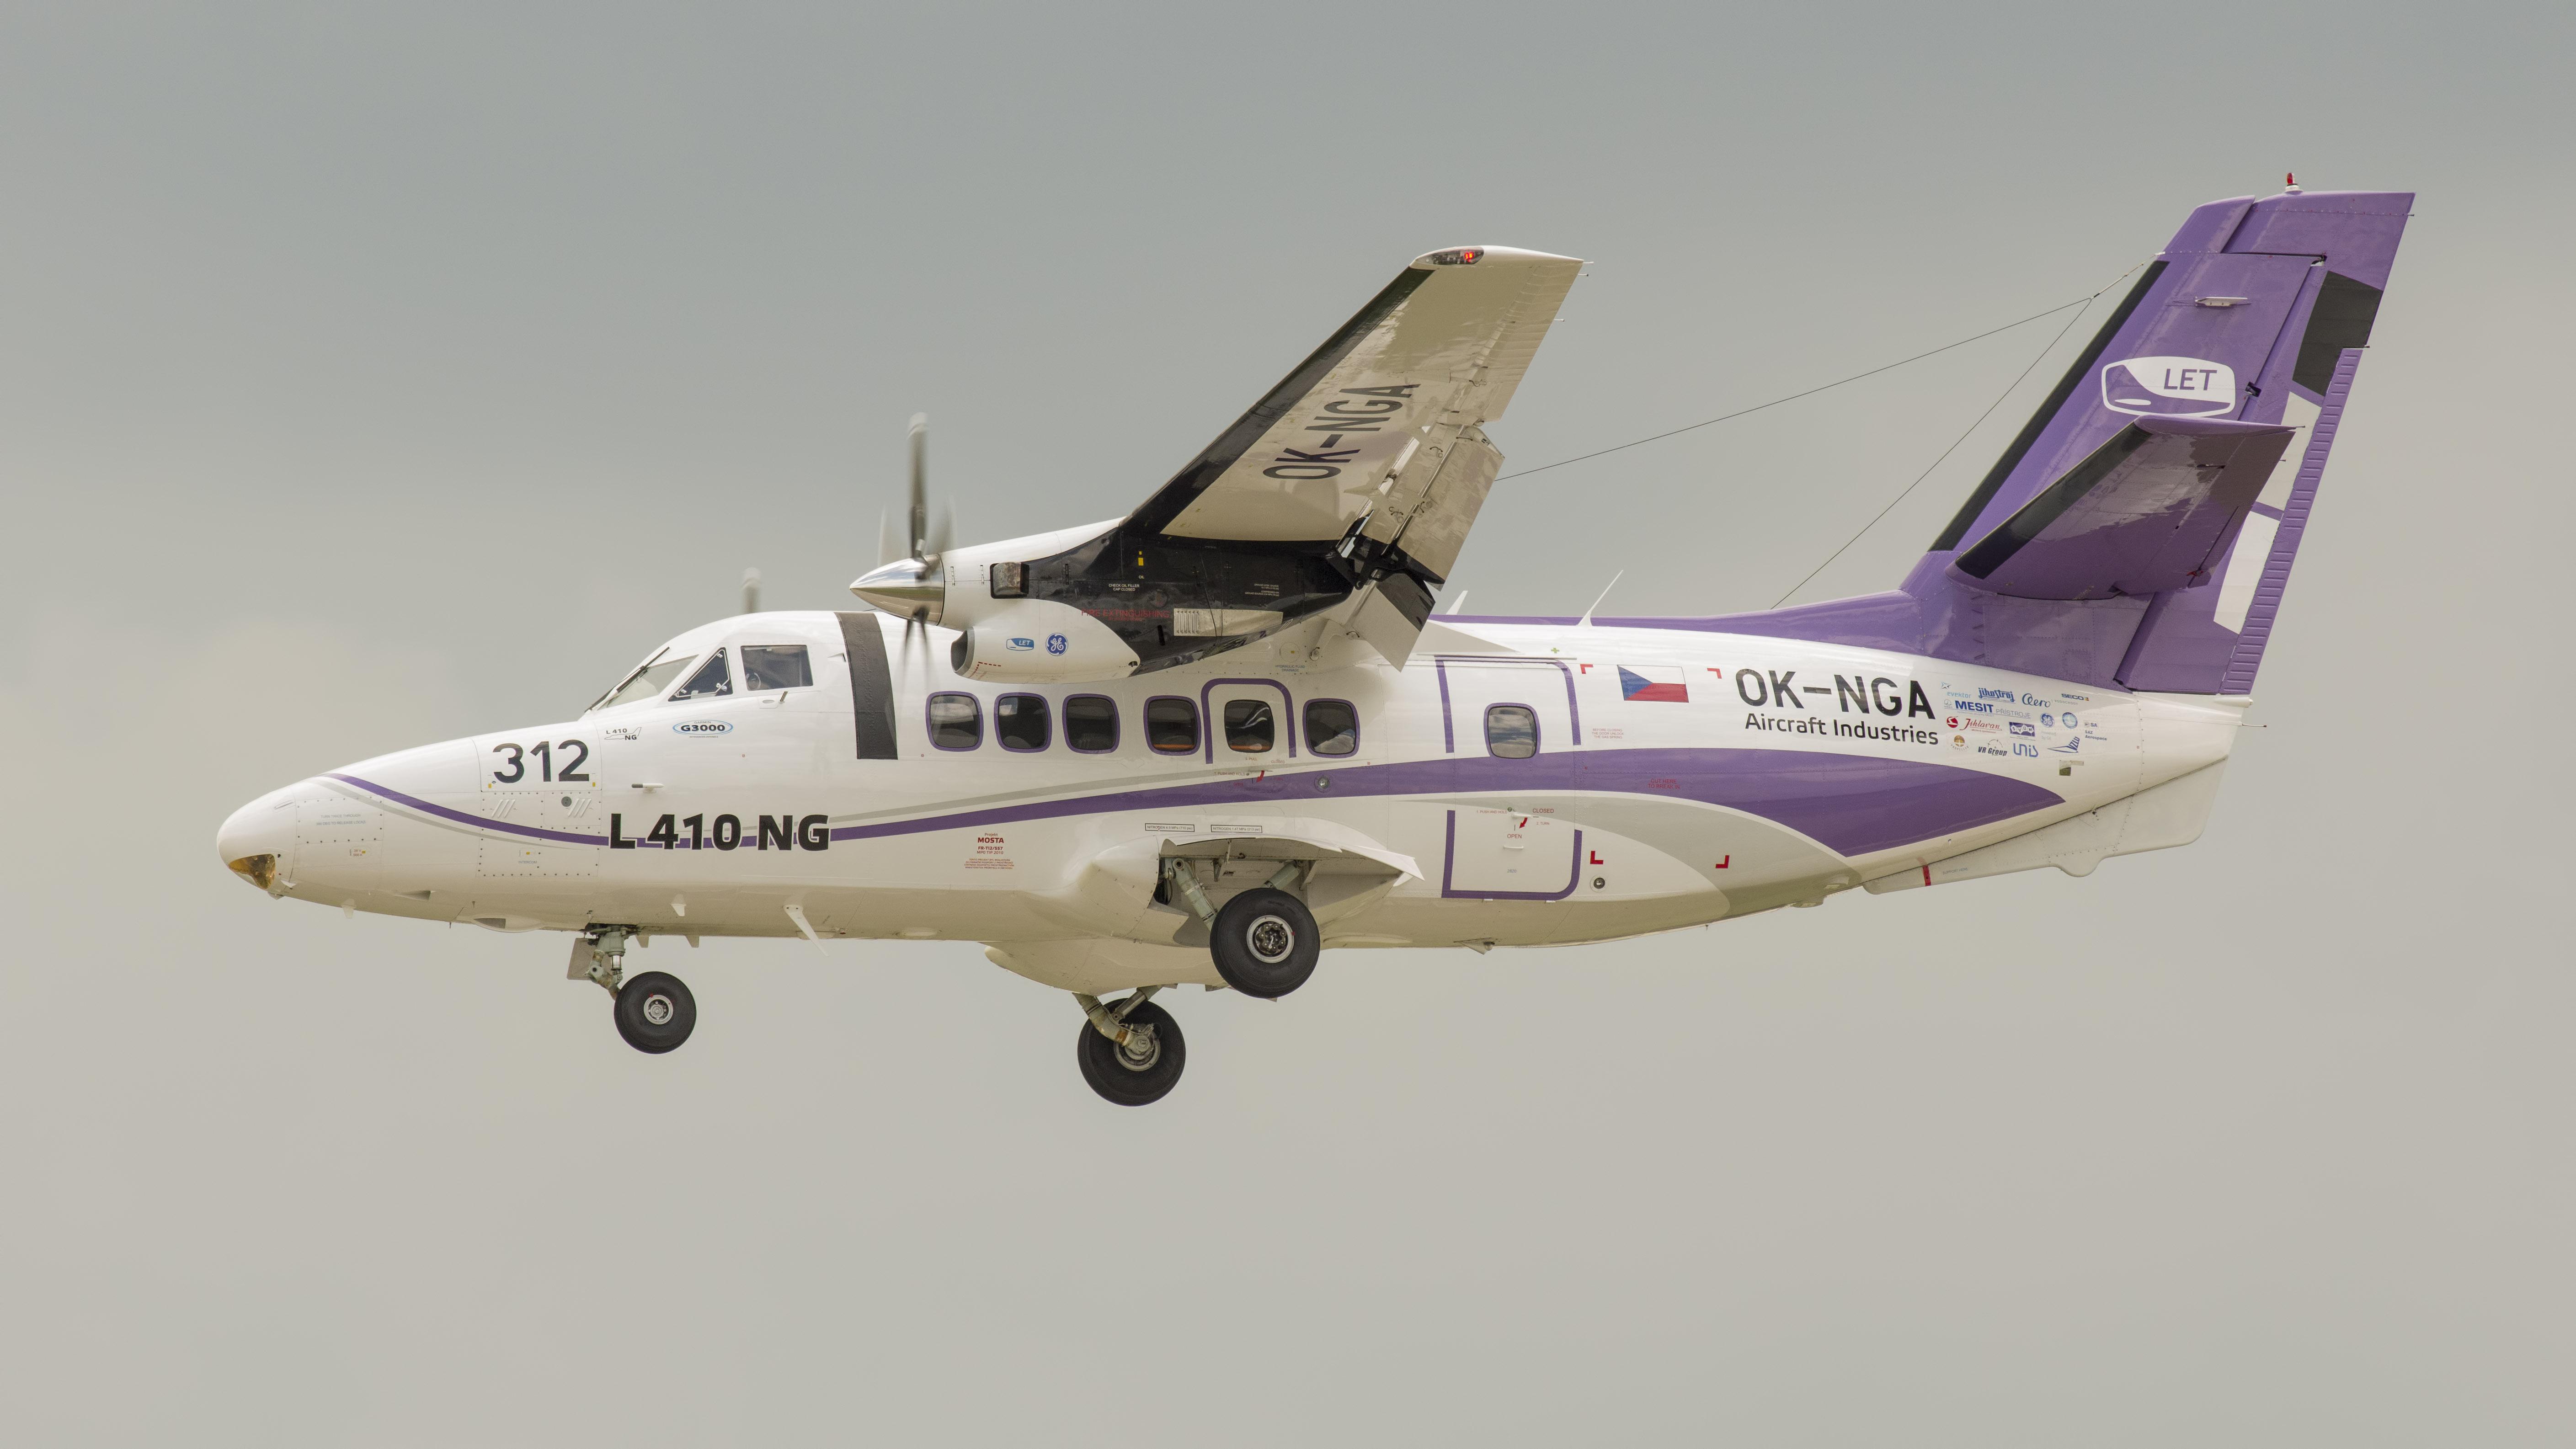 _IMG2652 L-410NG OK-NGA LET Aircraft systems